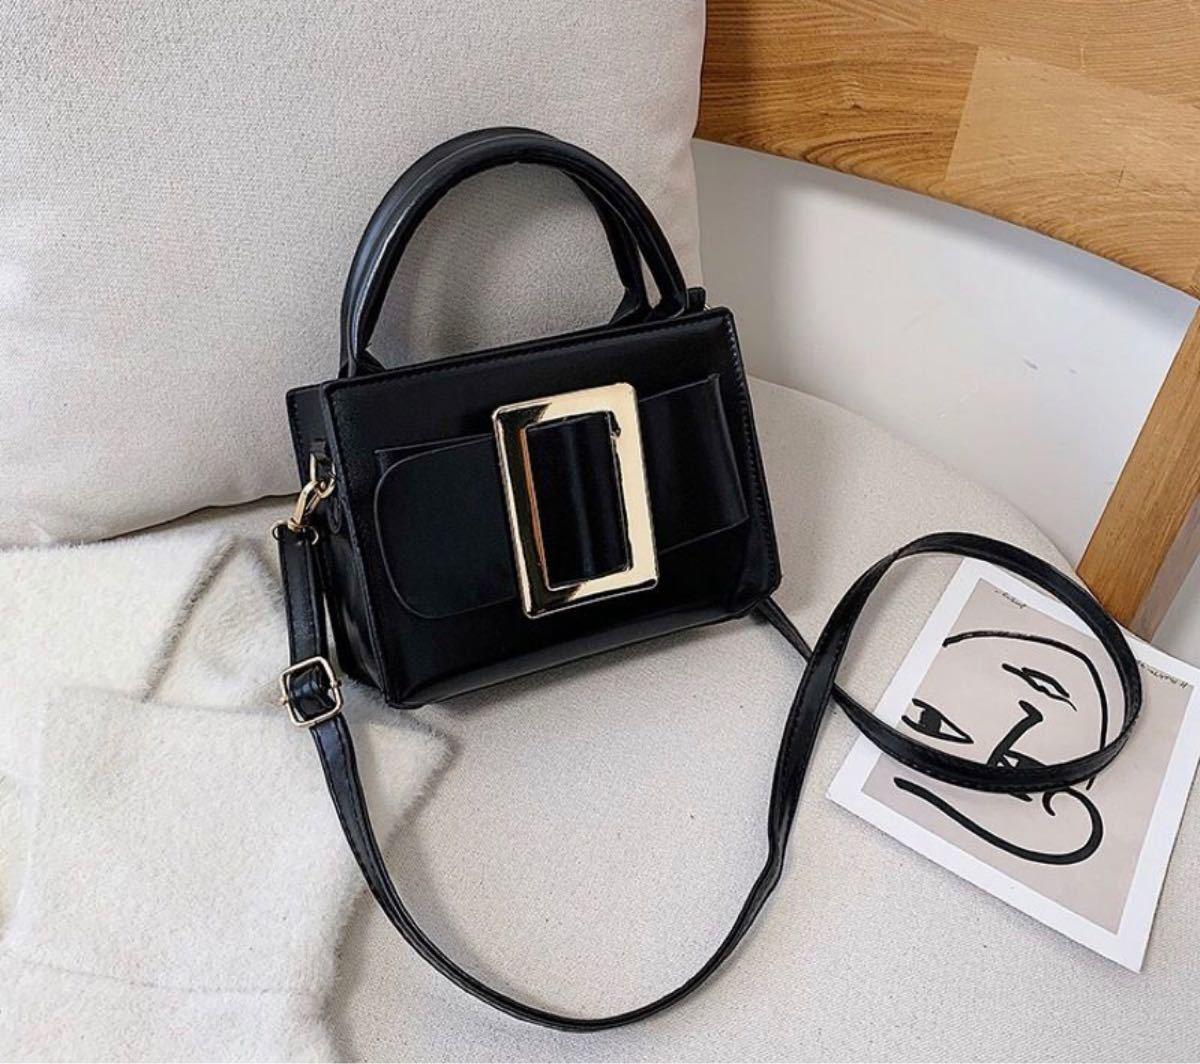 ショルダーバッグ 黒 ブラック 即購入ok レディース 海外 韓国 バッグ ミニバッグ ハンドバッグ 2way